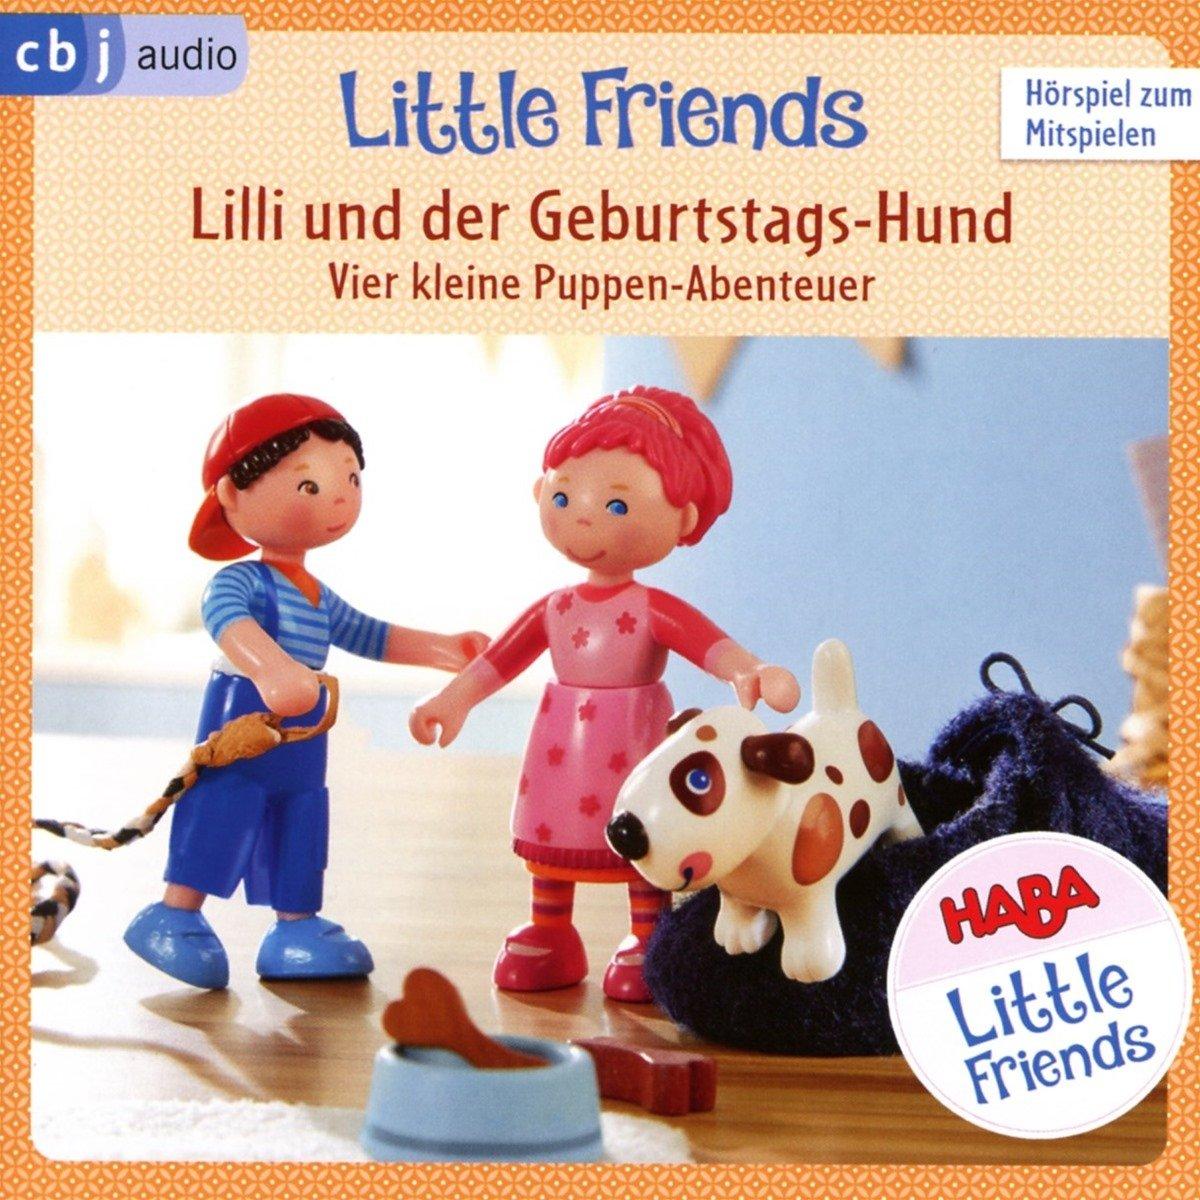 HABA Little Friends - Lilli und der Geburtstags-Hund: Vier kleine ...